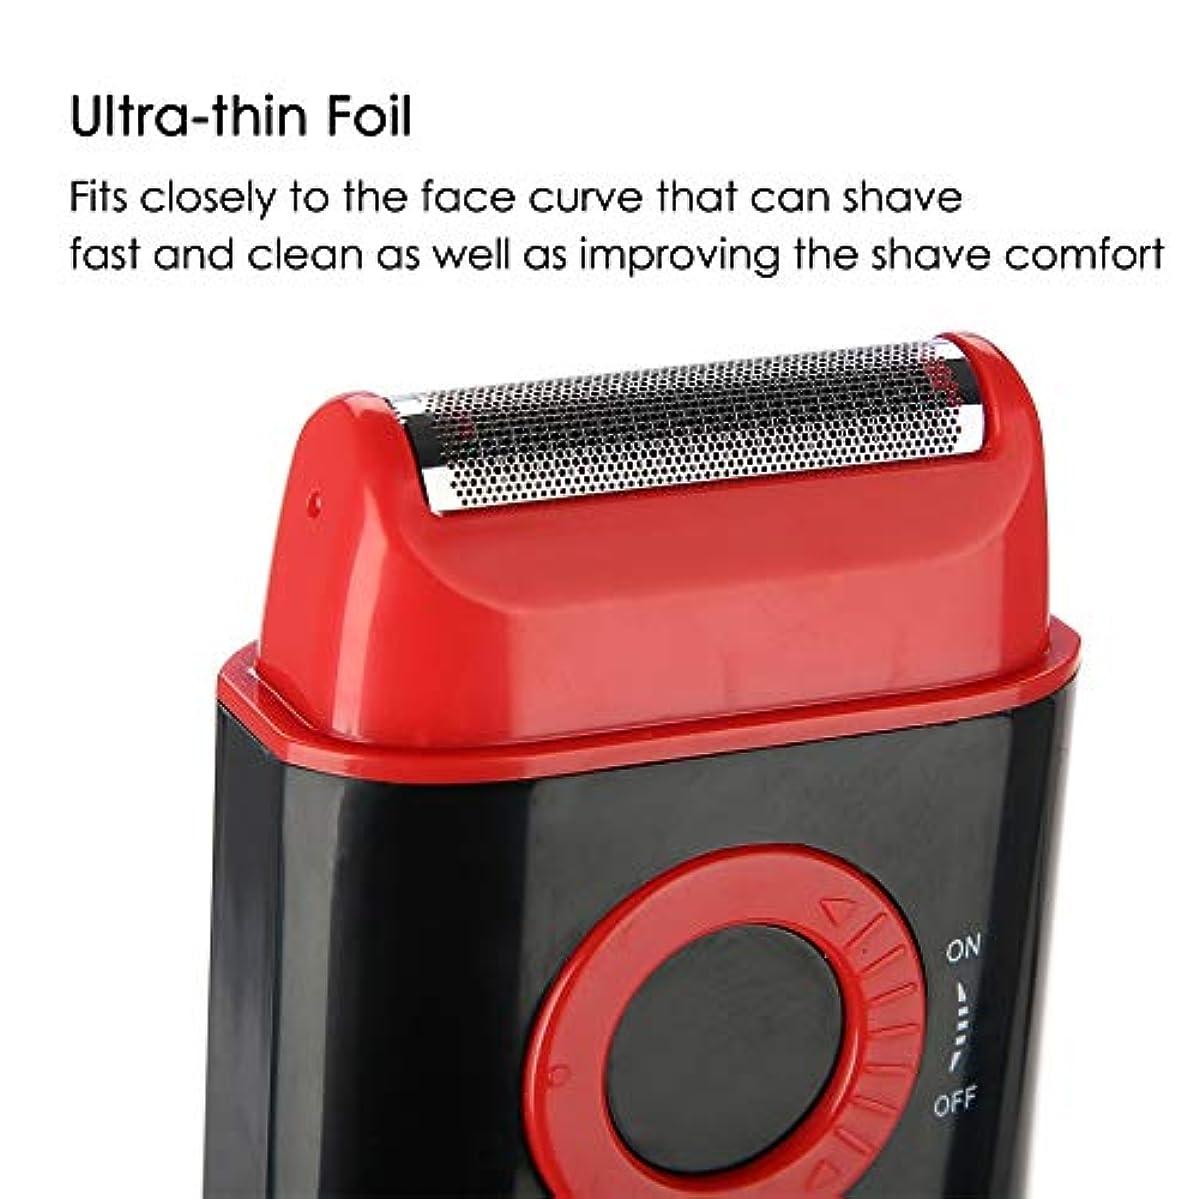 電気シェーバー 剃刀 男性 超薄型箔ポップアップひげトリマー単3電池のパワーシェービングカミソリ (レッド)